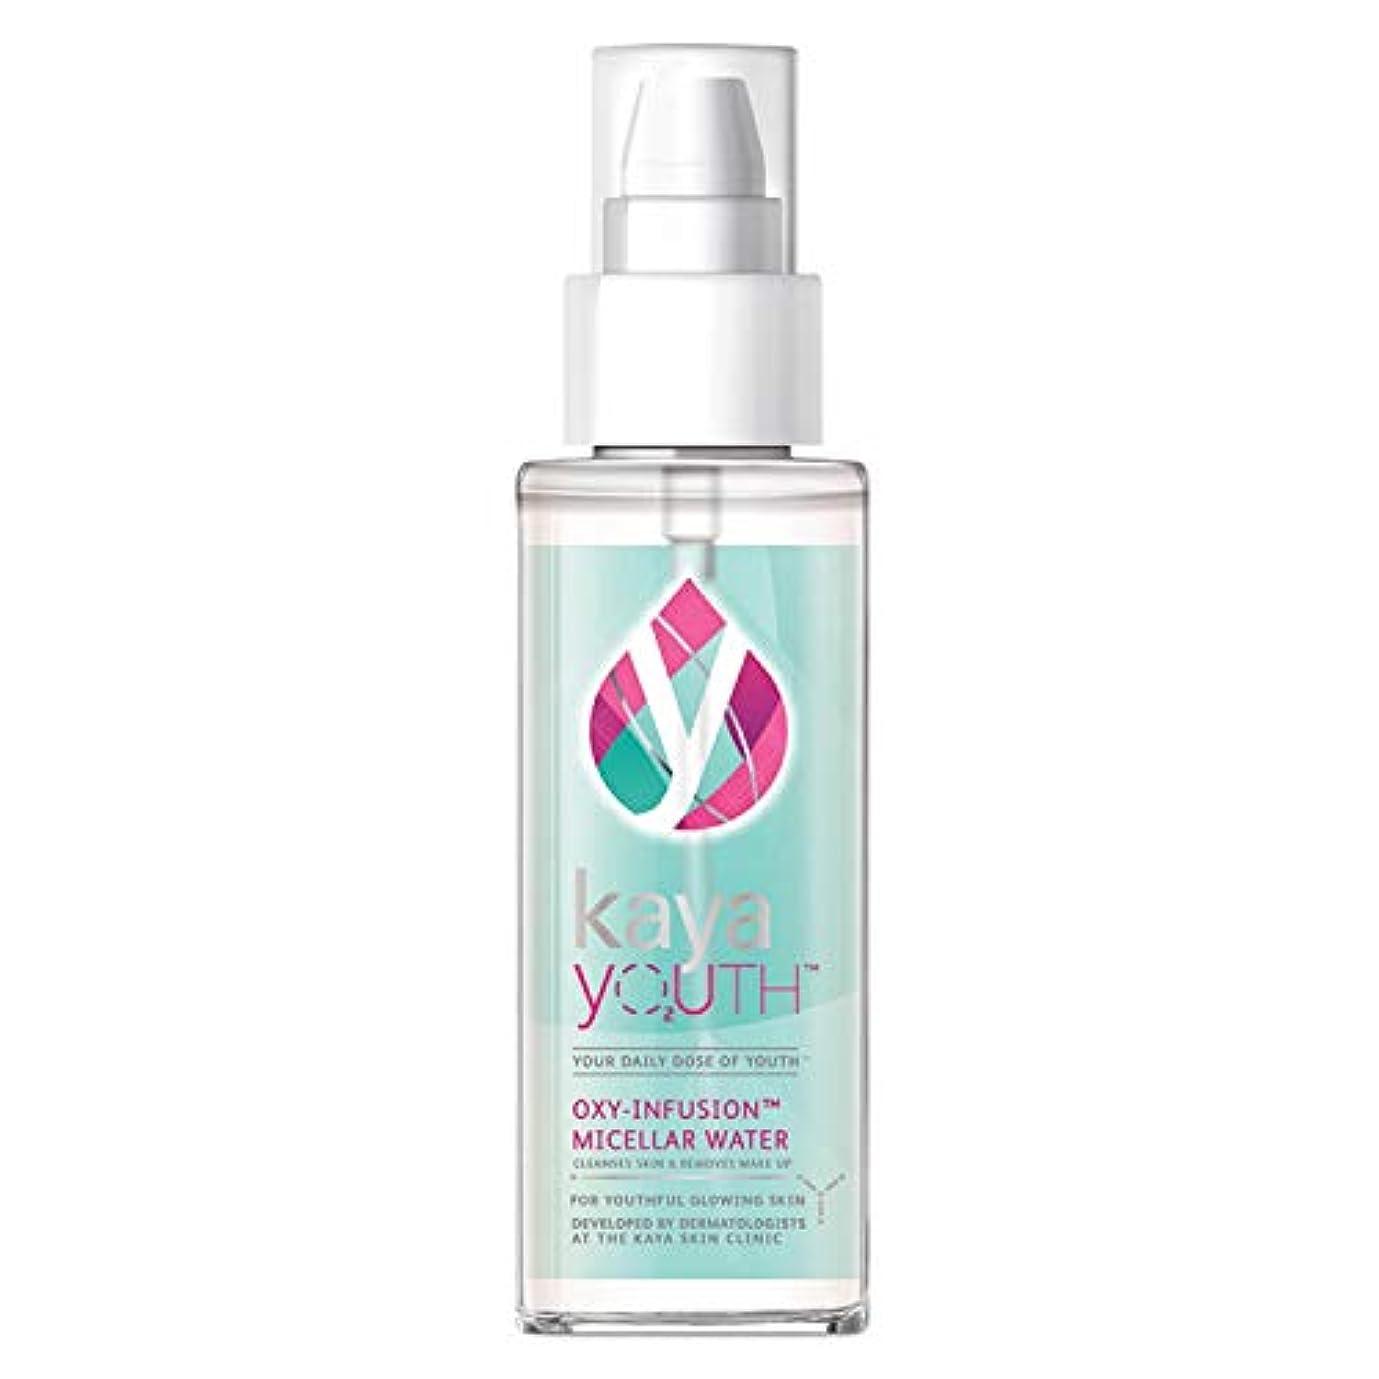 くちばしグラス叱るKaya Youth O2 Oxy-Infusion Micellar Water, 100 ml - India